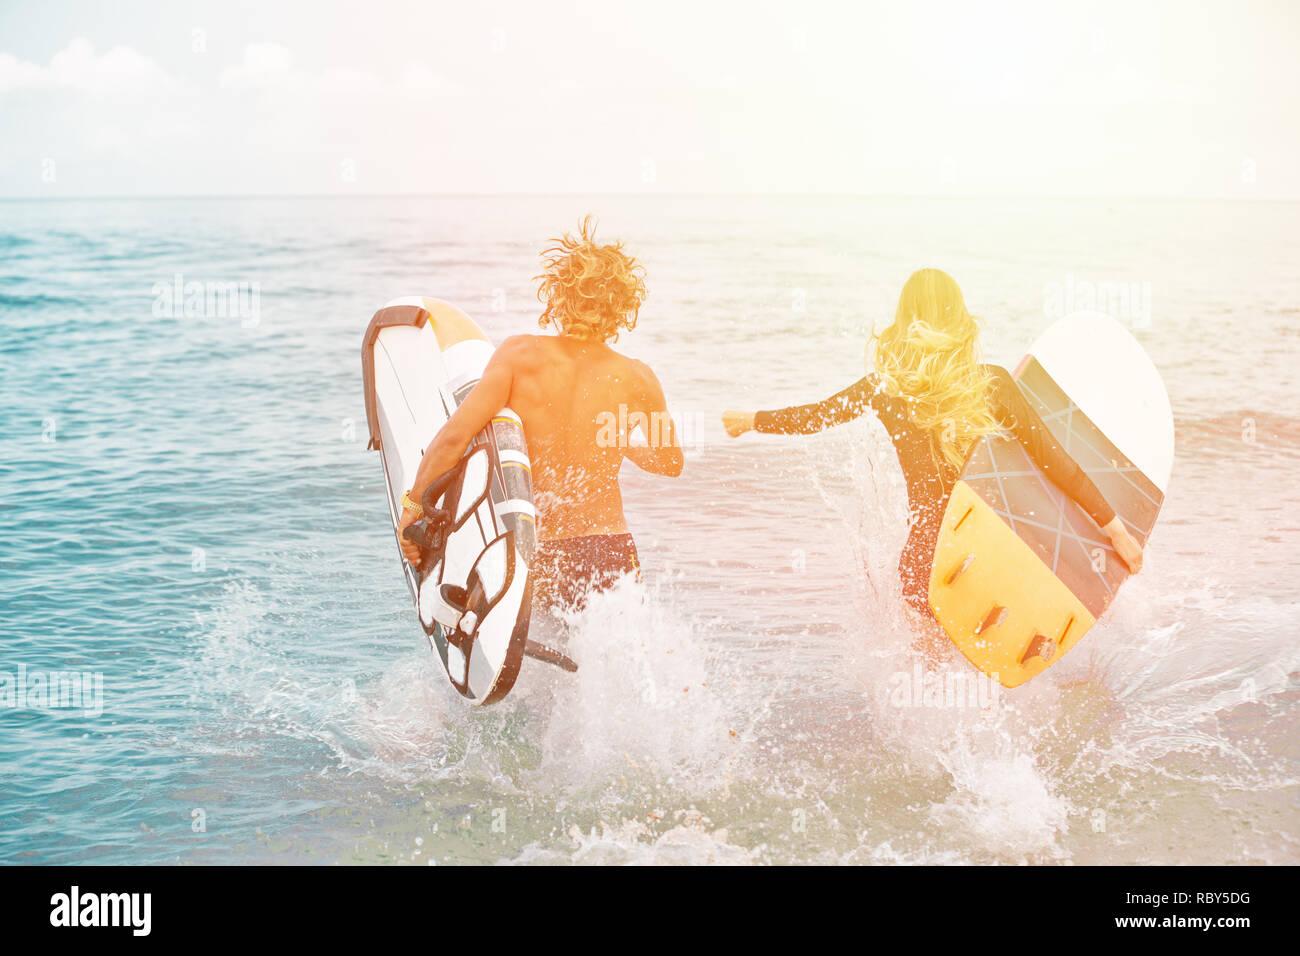 Les surfeurs à la plage- Smiling couple de surfers marche sur la plage et s'amuser en été. Sport extrême et vacances Banque D'Images